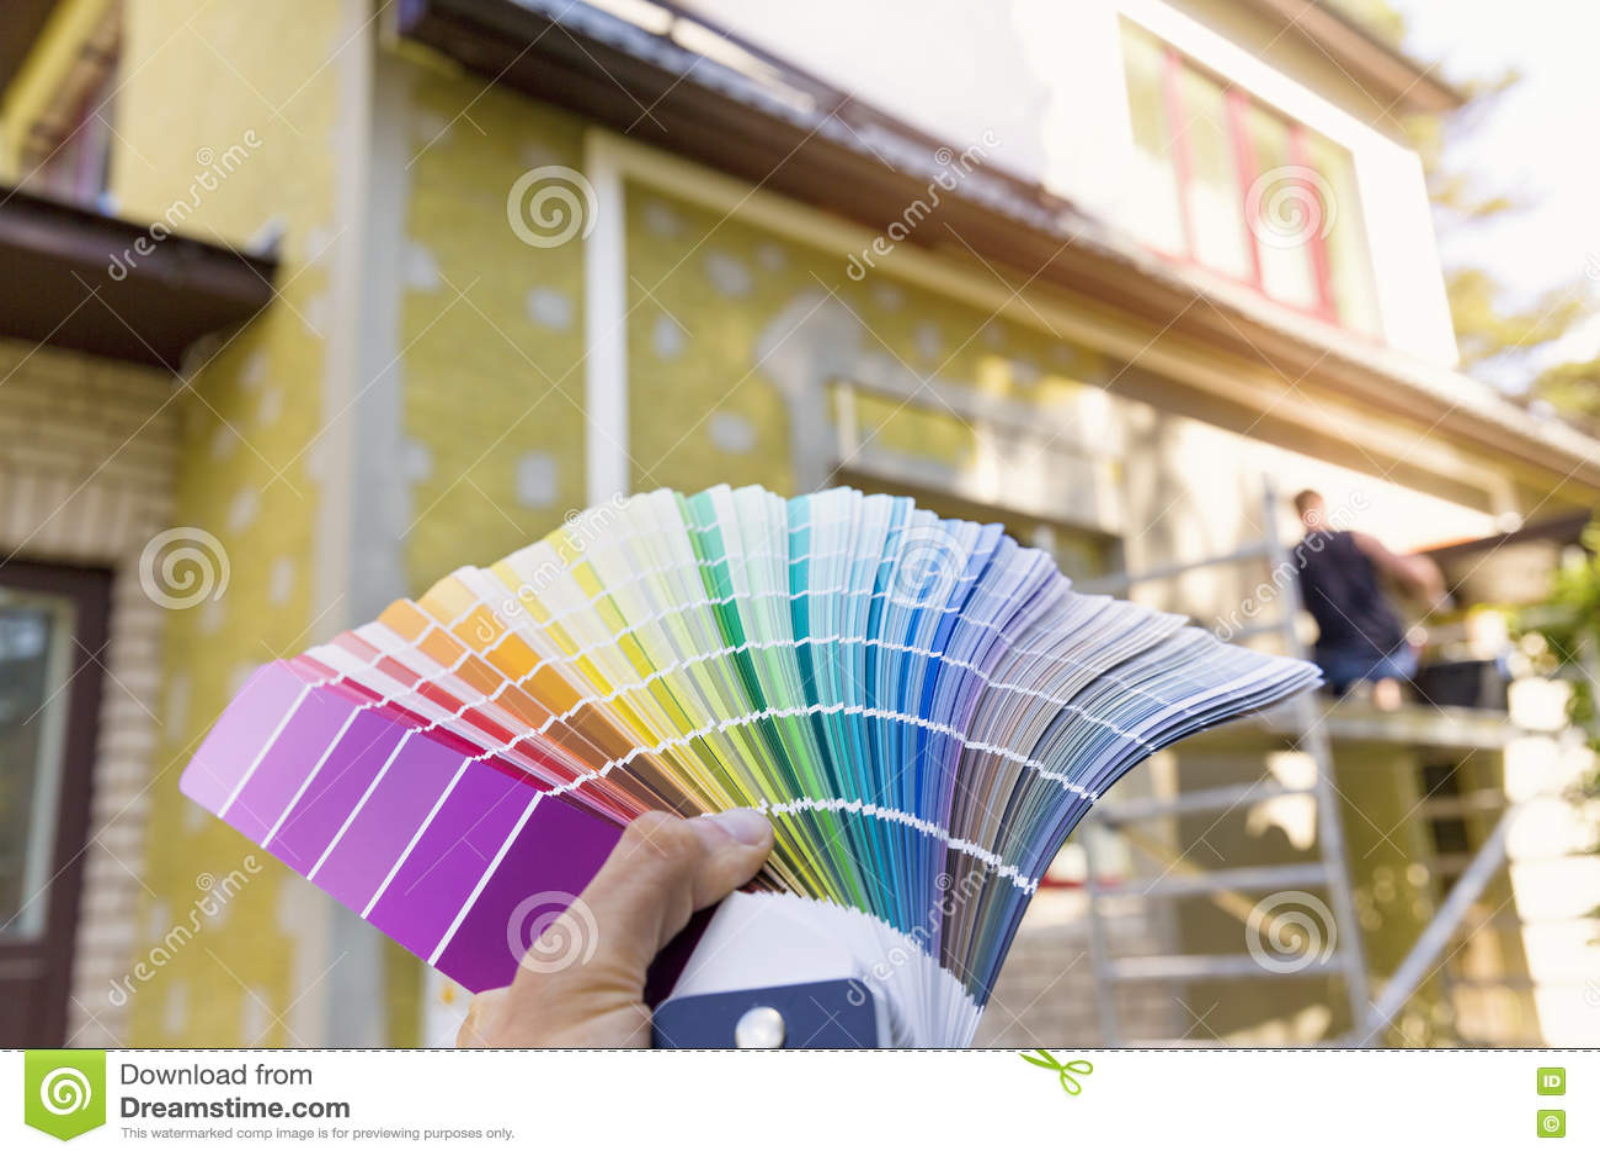 choix d 39 une couleur de peinture pour l 39 ext rieur de maison photo stock image 72049732. Black Bedroom Furniture Sets. Home Design Ideas